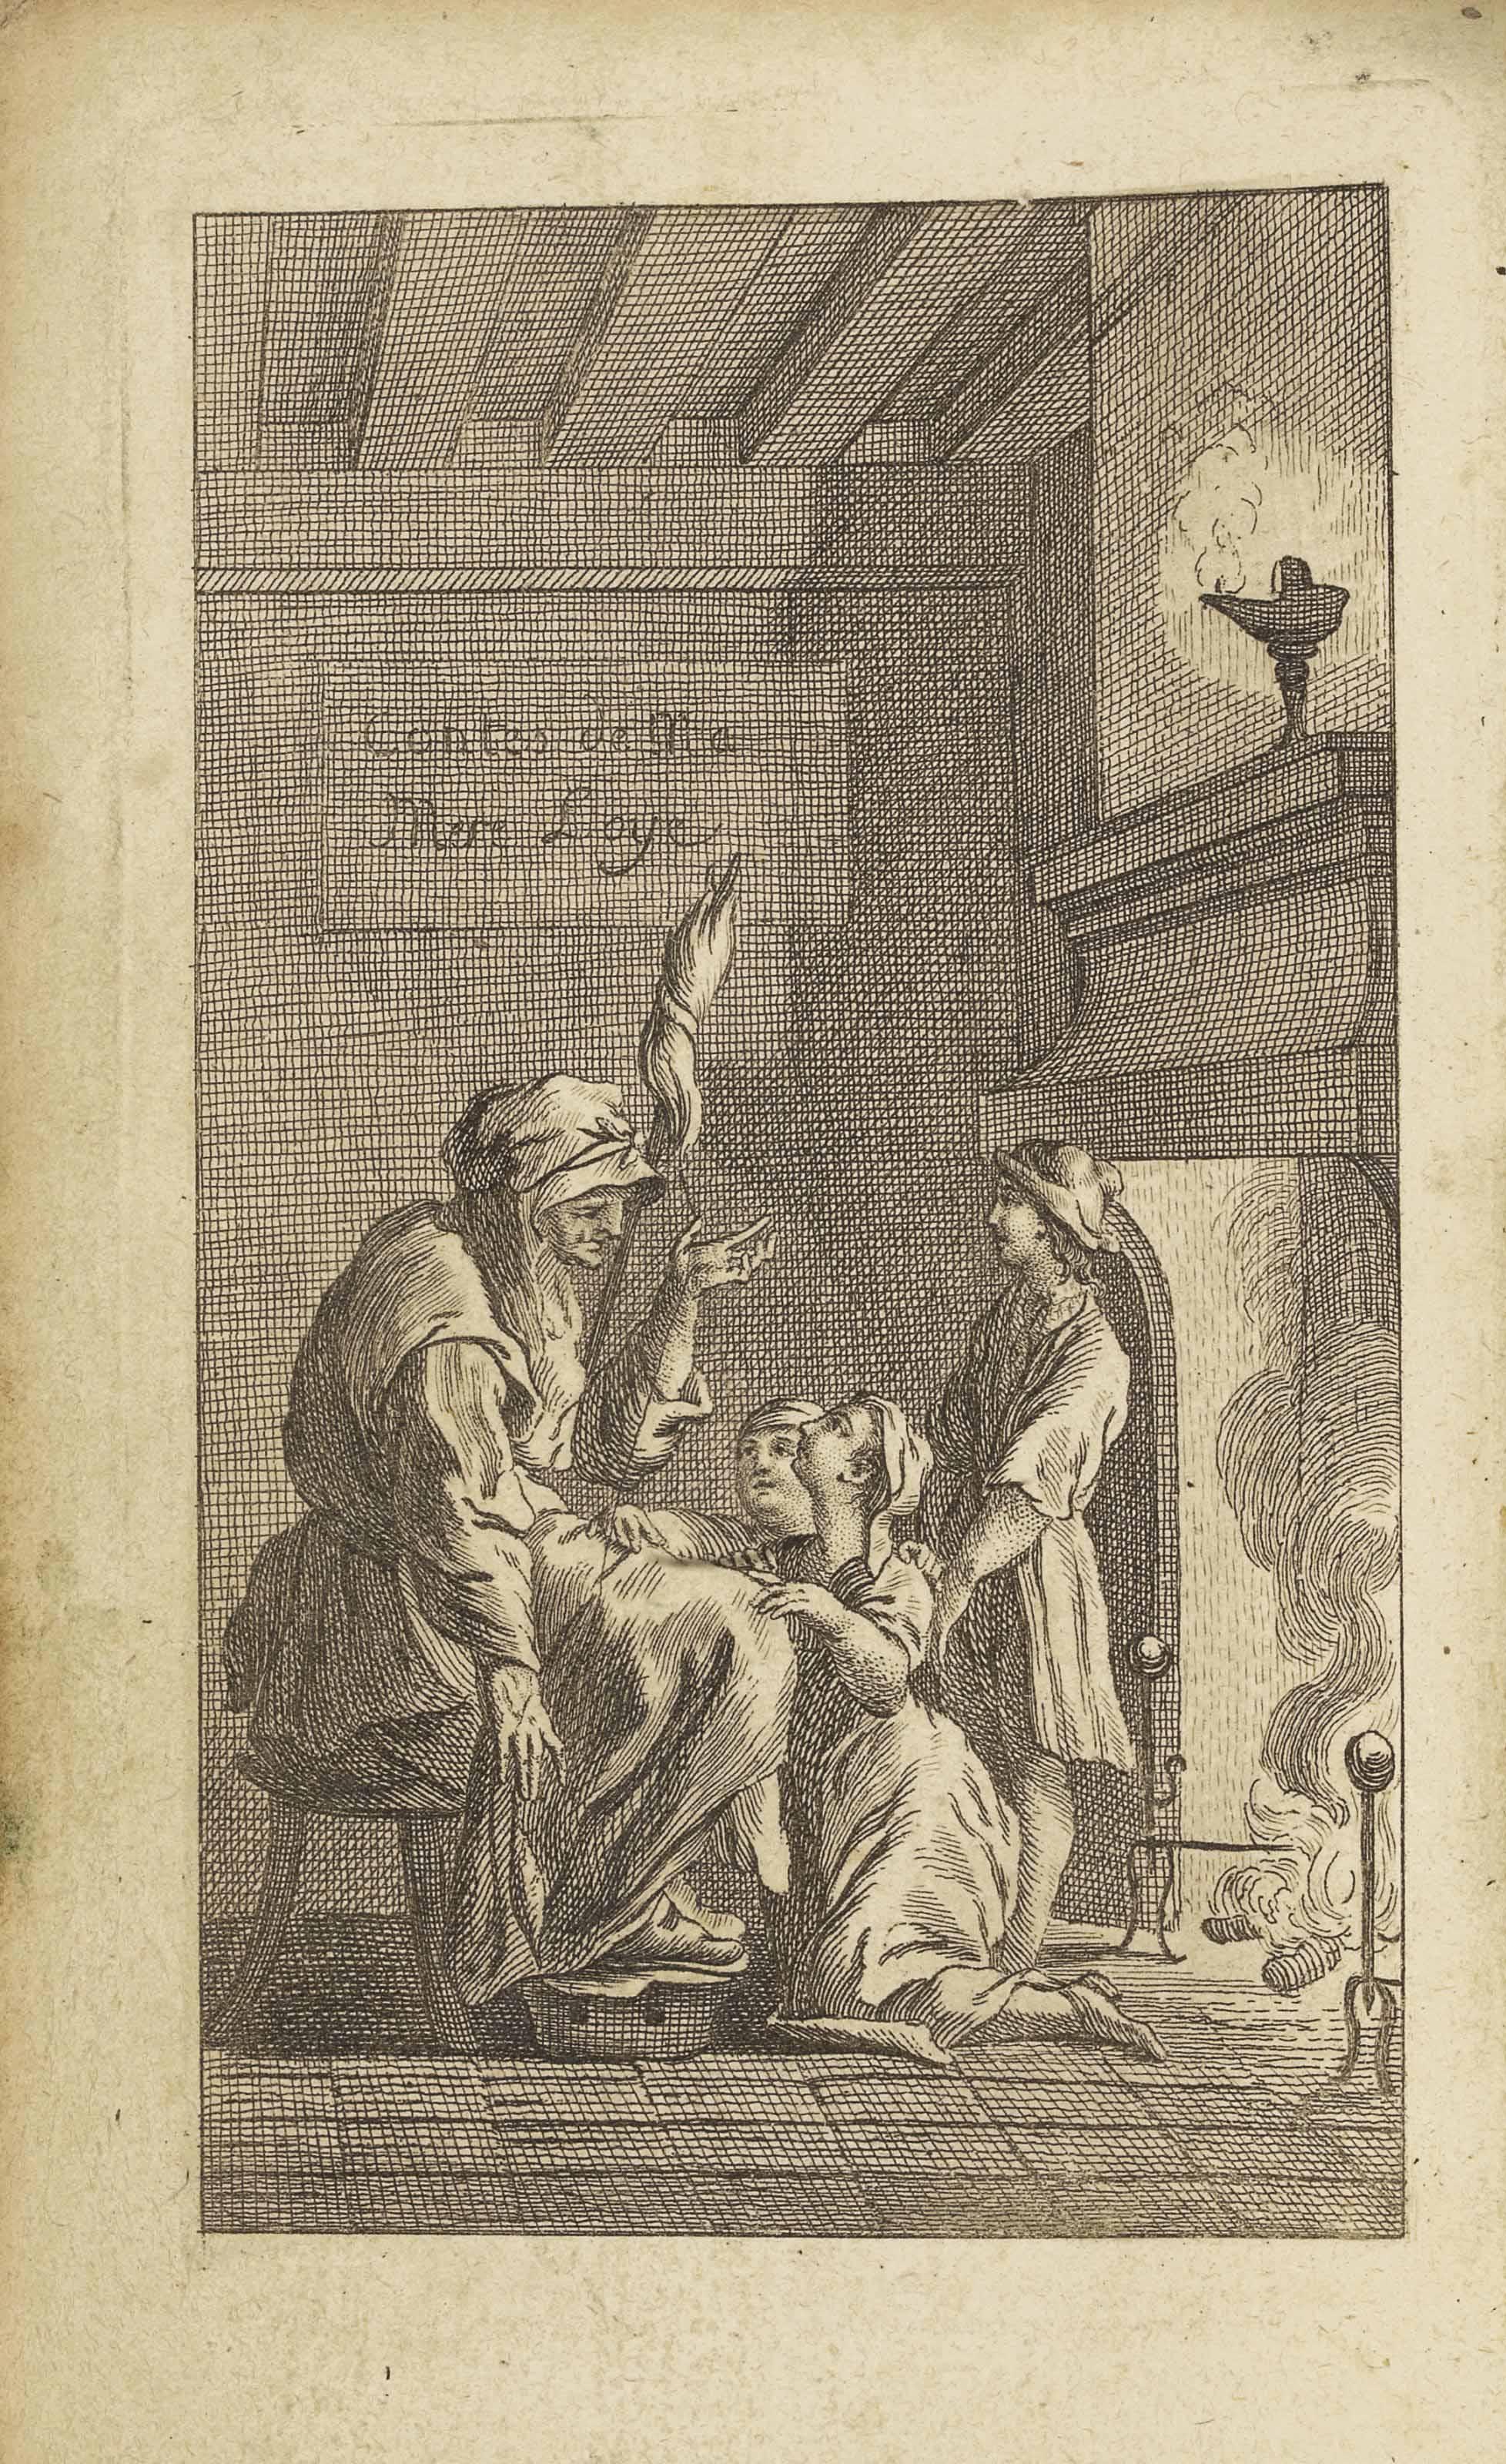 Charles PERRAULT (1628-1703). Contes des fées...contenant le Chaperon rouge, les Fées, la Barbe bleue, la Belle au bois dorm[ant], le Chat botté, Cendrillon, Riquet à la Houpe, le Petit Poucet, l'Adroite Princesse, Griselidis, Peau d'âne, les Souhaits ridicul[es]. Nouvelle édition dédiée à Son Altesse Sérénissime Mgr. Le duc de Montpensier. A Paris : chez Lamy, 1781. In-16 (142 x 90 mm). Deux parties en un volume, frontispice et 11 bandeaux d'après de Sève et Martinet, 13 en raison de la répétition des bandeaux de Martinet pour Peau d'âne et Grisélidis. (Titre un peu sali, taches p. 92 et 401, cahier K légèrement bruni, petite déchirure dans la marge extérieure du f. Z5 sans atteinte au texte.) Veau fauve de l'époque, 1 filet à froid, dos à 5 nerfs, pièce de titre verte, tranches rouges (petites restaurations aux coins, coiffes et charnière supérieure un peu frottées).